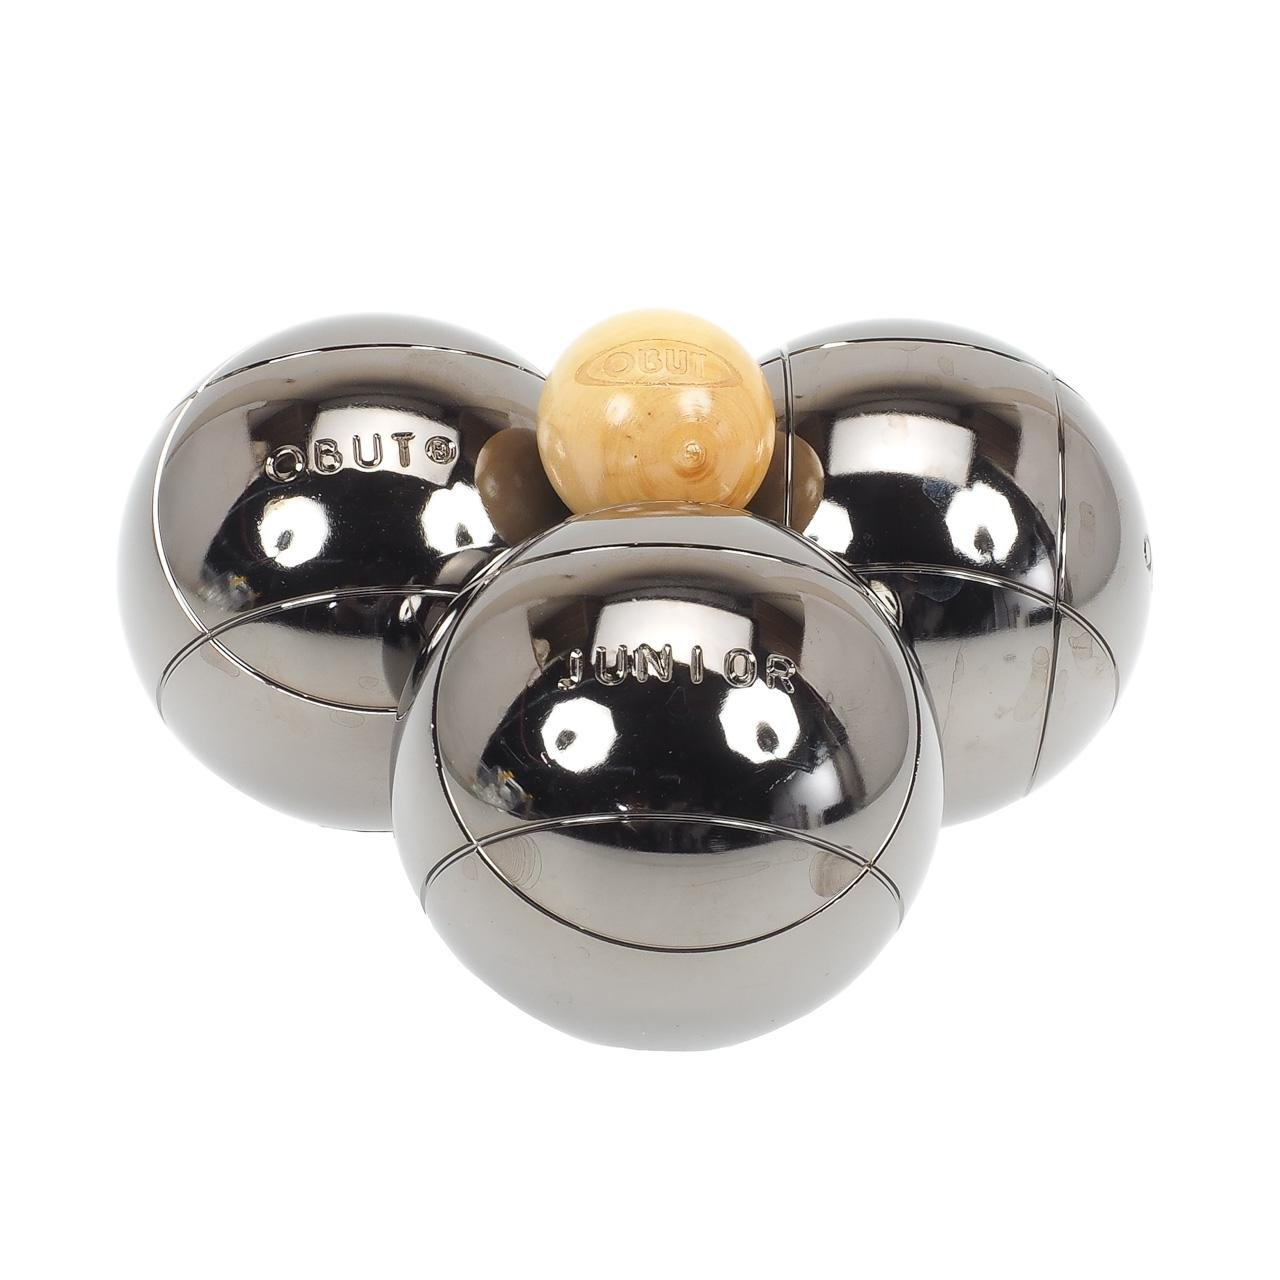 La Boule Obut - A1300302 - Jeu de Plein Air - Malette 3 boules de pétanque product image